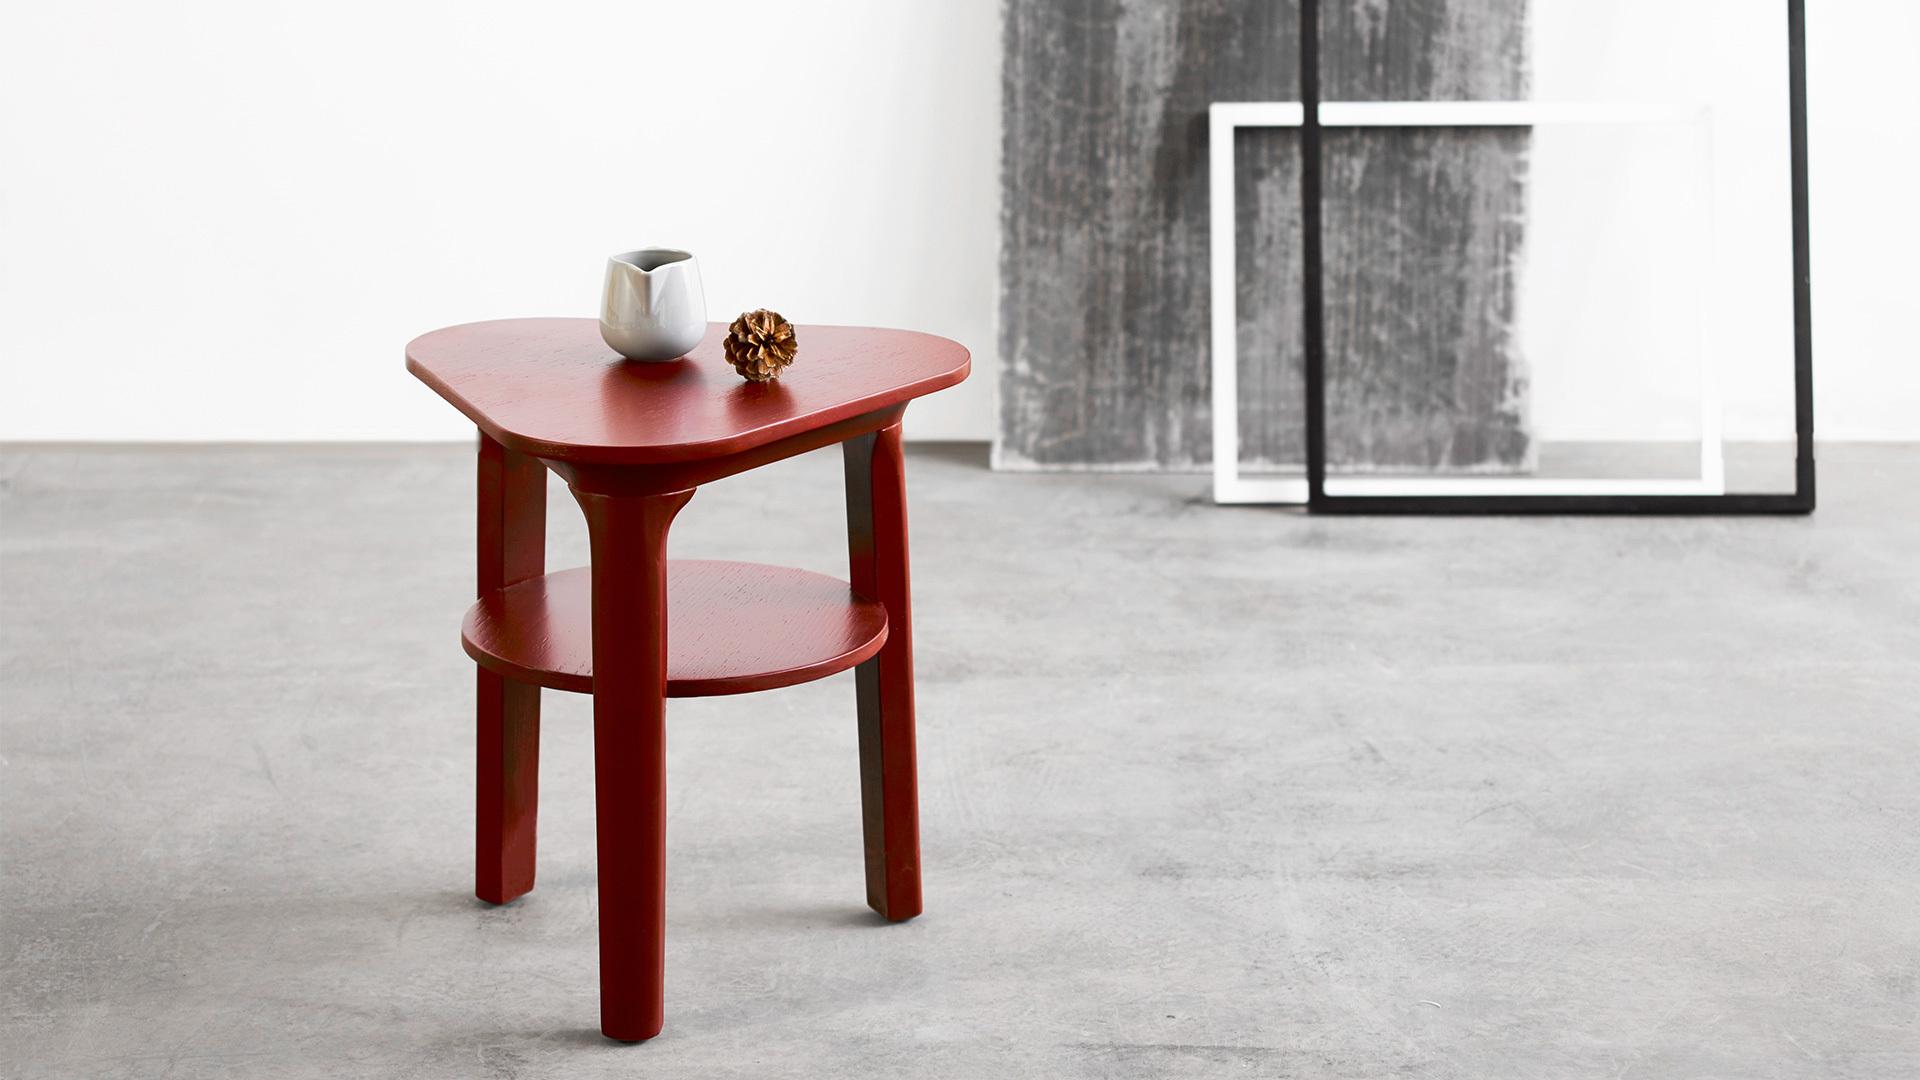 瓦檐边桌,点缀式的客厅配件,灵巧小边桌,把质感揉入空间。